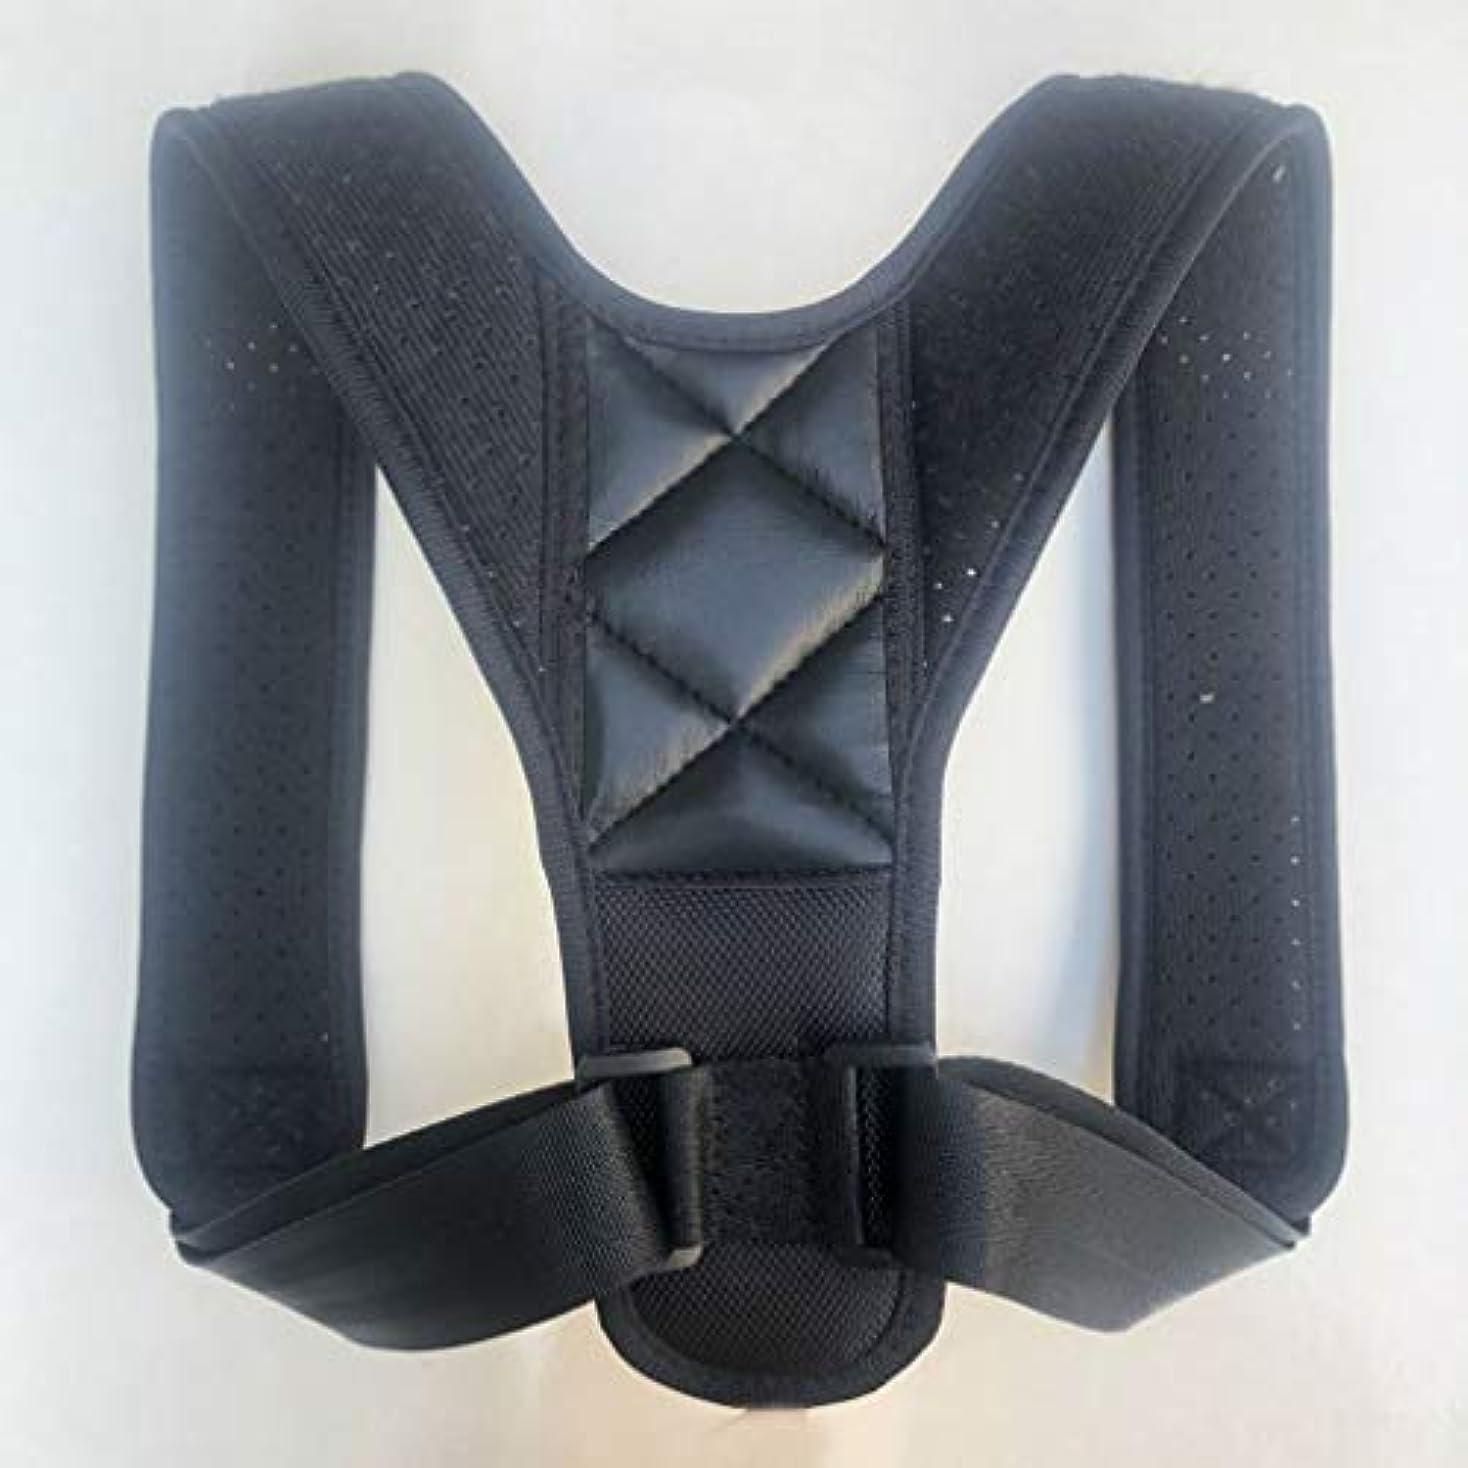 話す最大の泣くUpper Back Posture Corrector Posture Clavicle Support Corrector Back Straight Shoulders Brace Strap Corrector